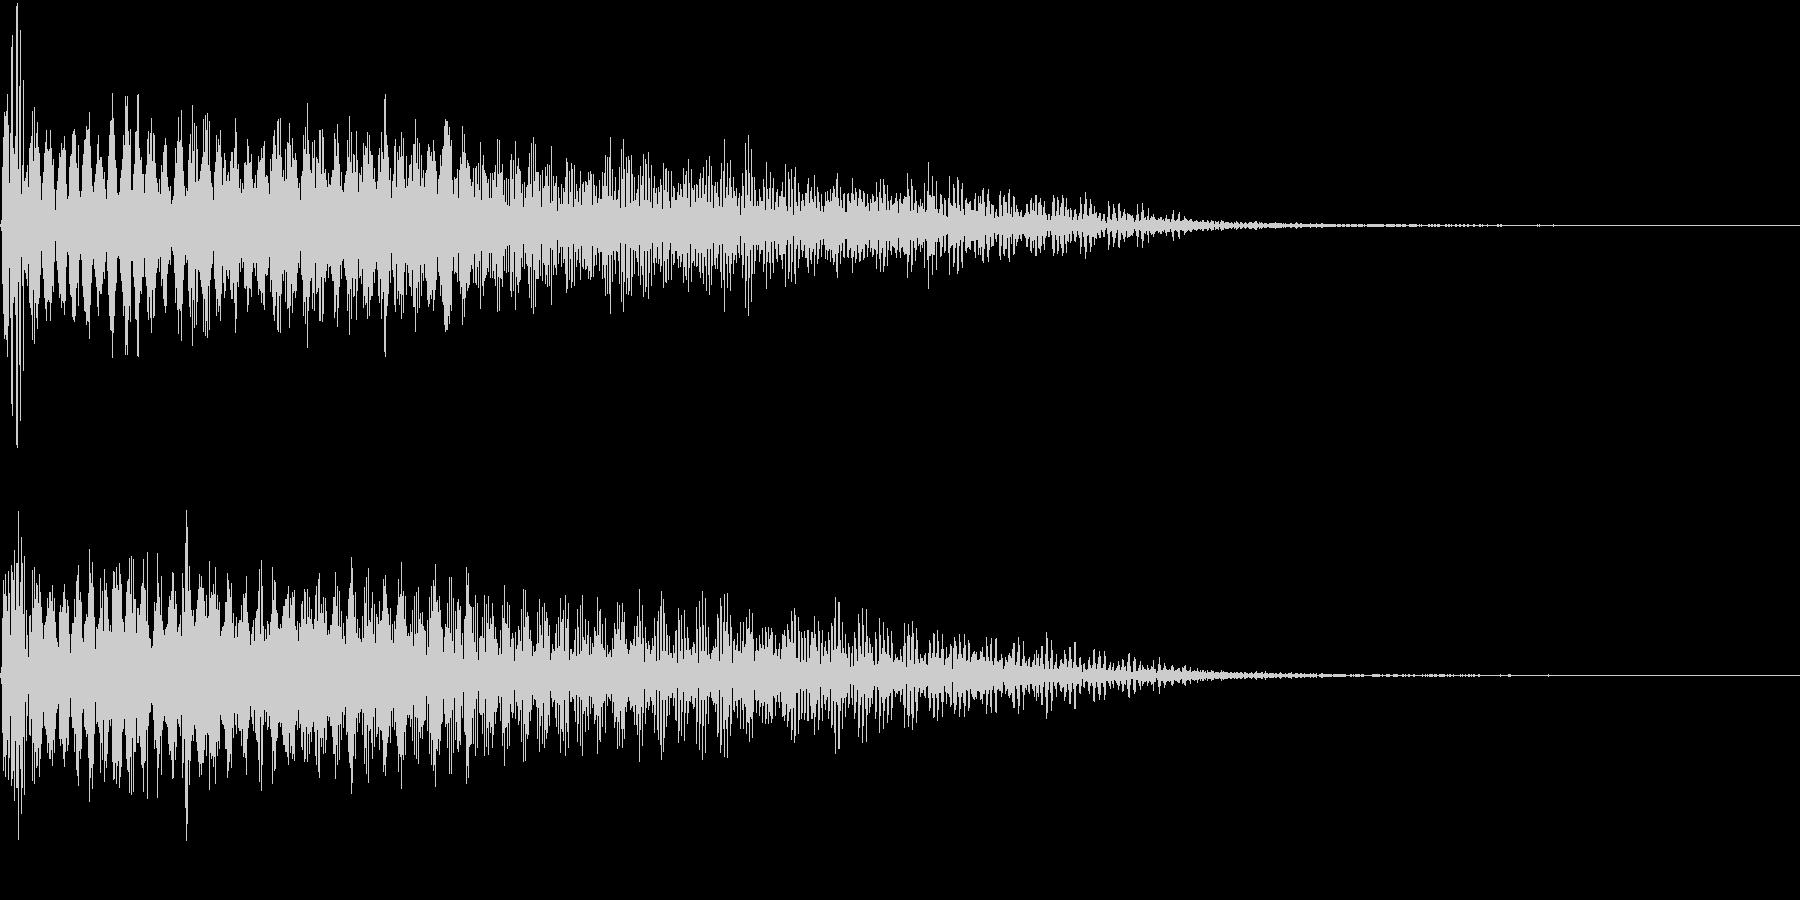 InvaderBuzz 発砲音 32の未再生の波形